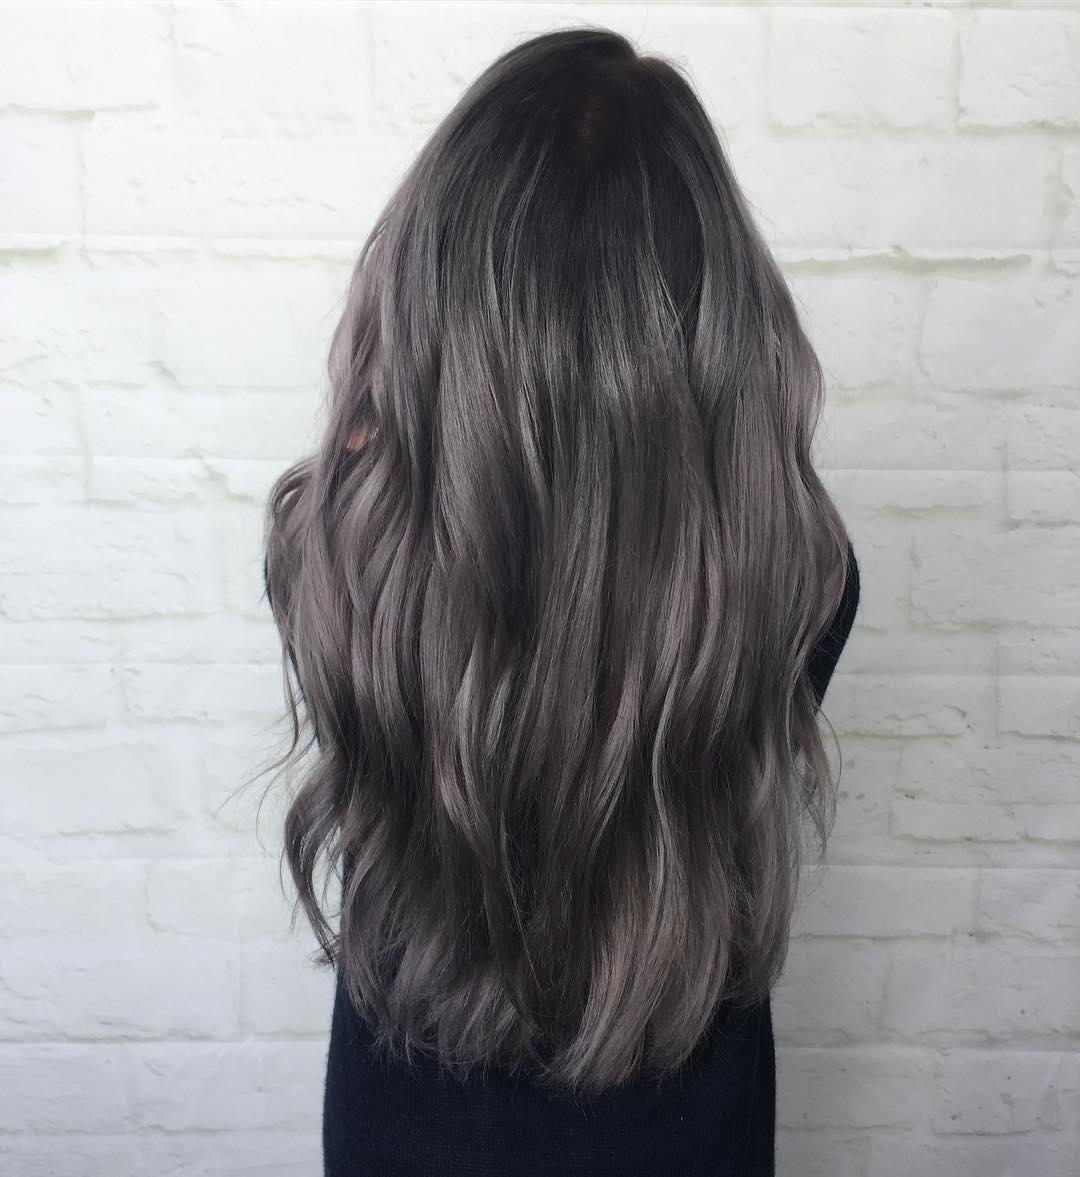 Dark Smoky Grey Aveda Hair Color By Aveda Artist Brittany Carven Aveda Hair Color Silver Hair Color Aveda Hair